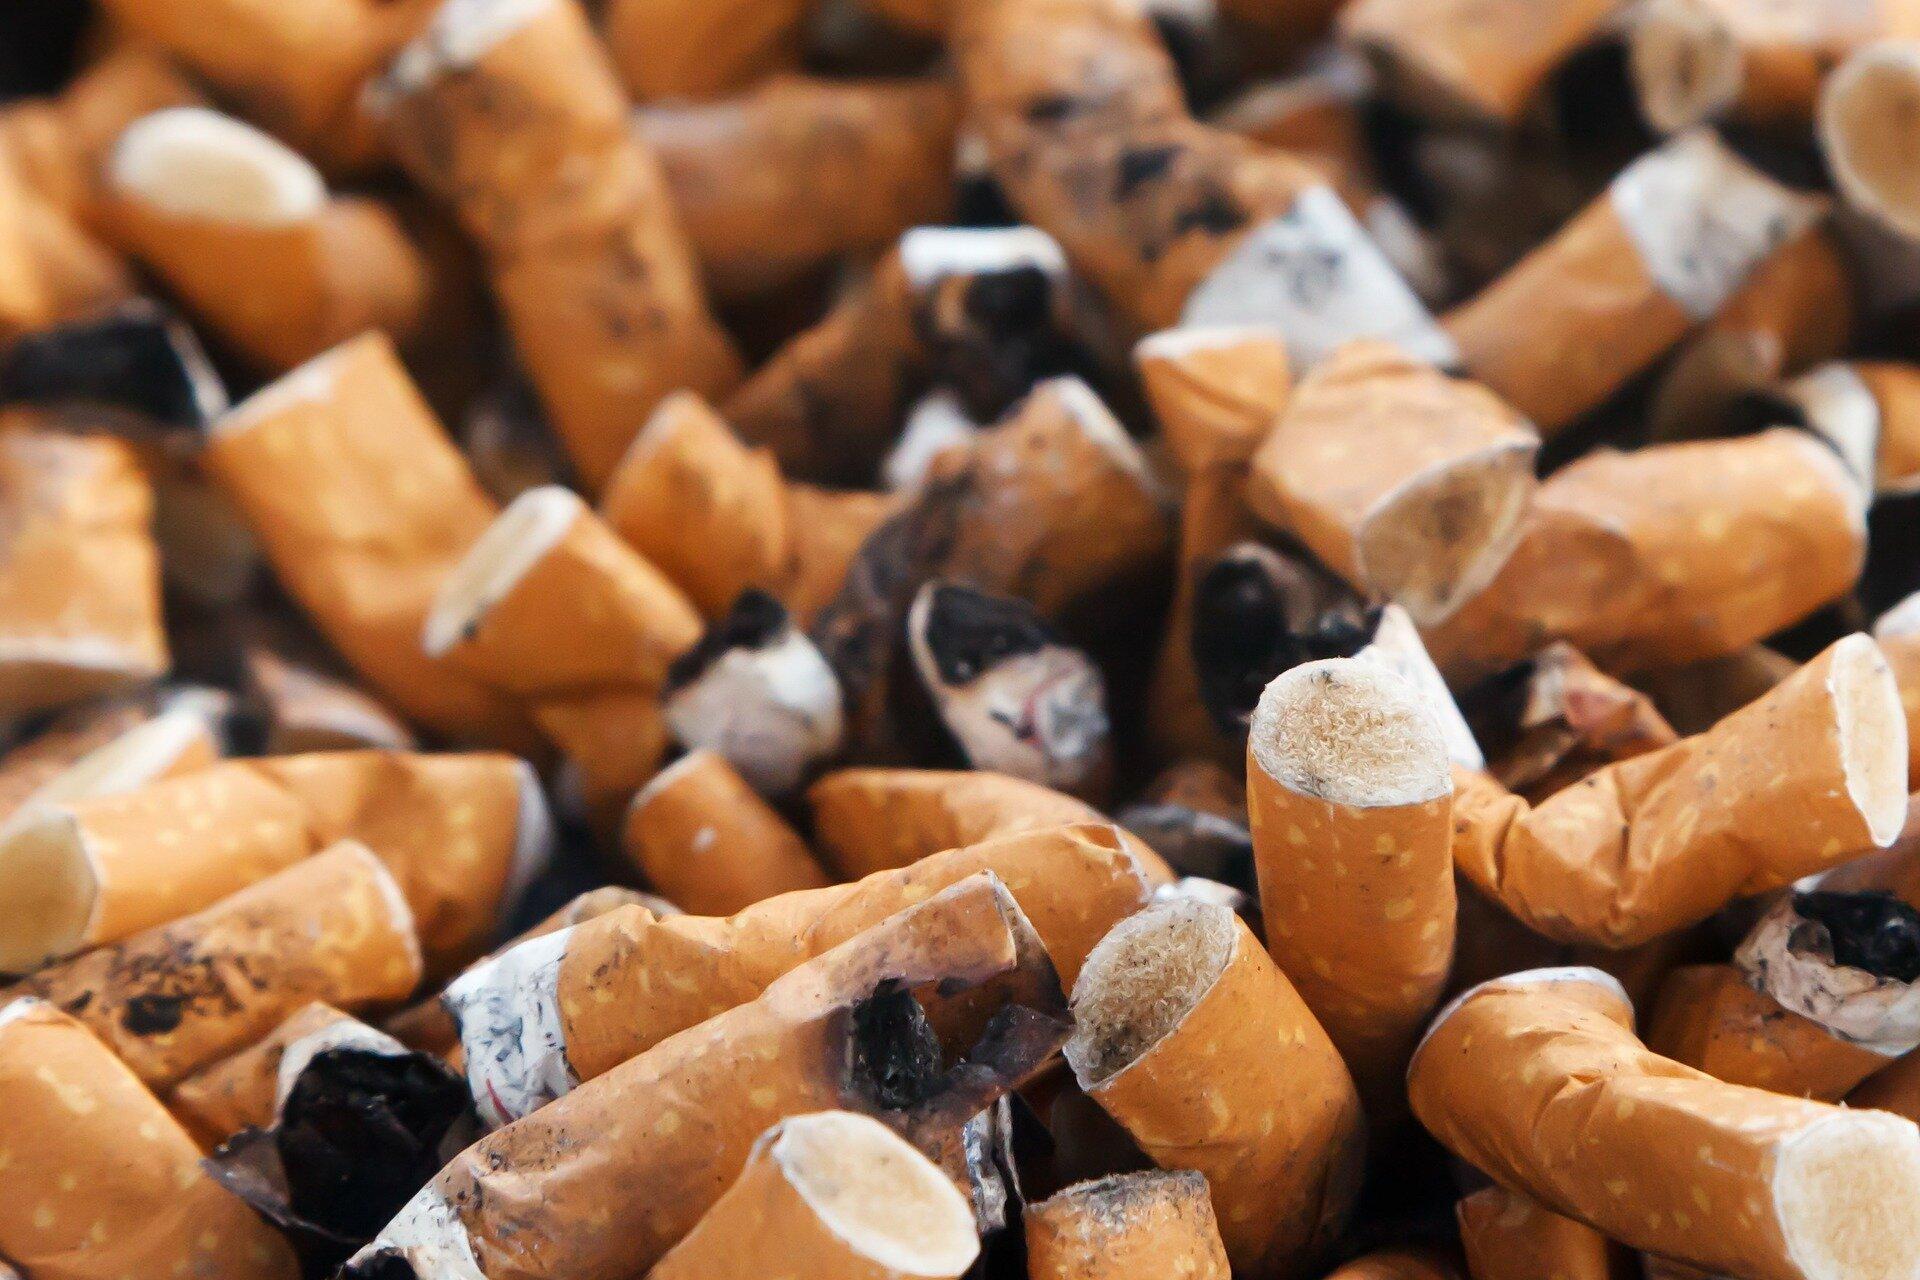 Nikotin-Ersatz: beim beenden von Zigaretten, ziehen Sie die Verwendung Nikotin mehr, nicht weniger